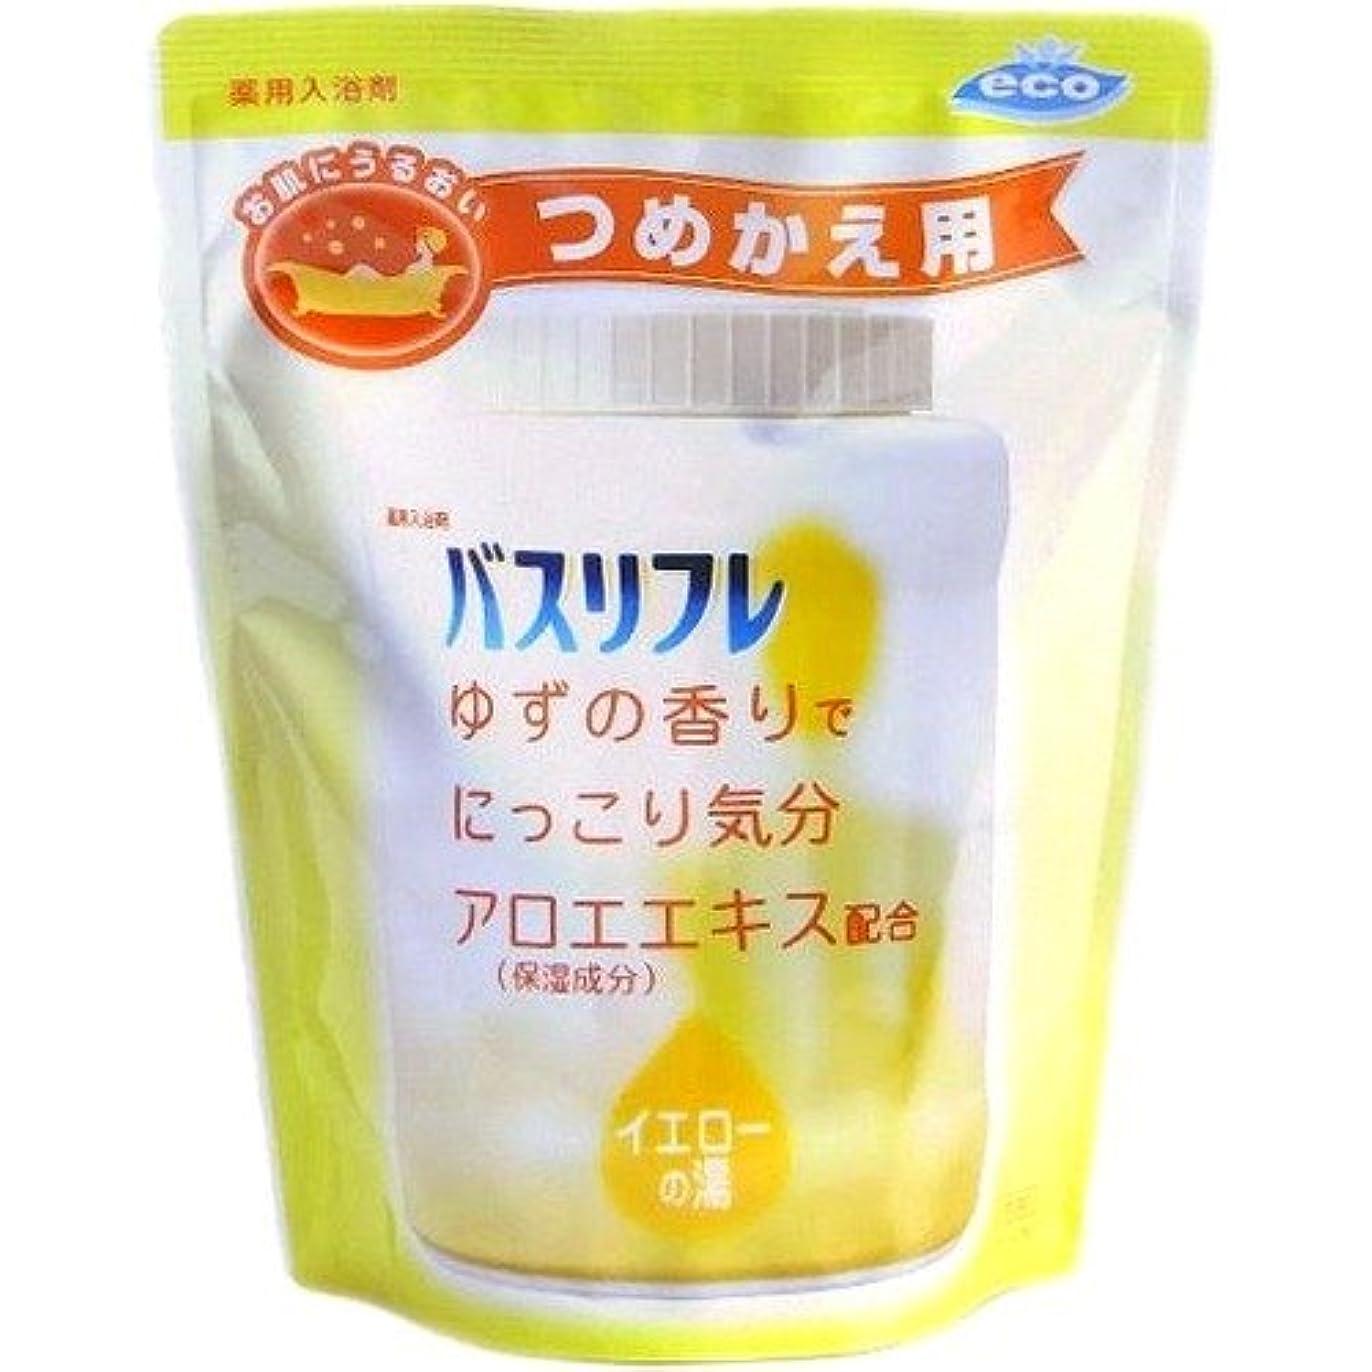 歌多様な発見ライオンケミカル バスリフレ 薬用入浴剤 ゆずの香り つめかえ用 540g 4900480080102